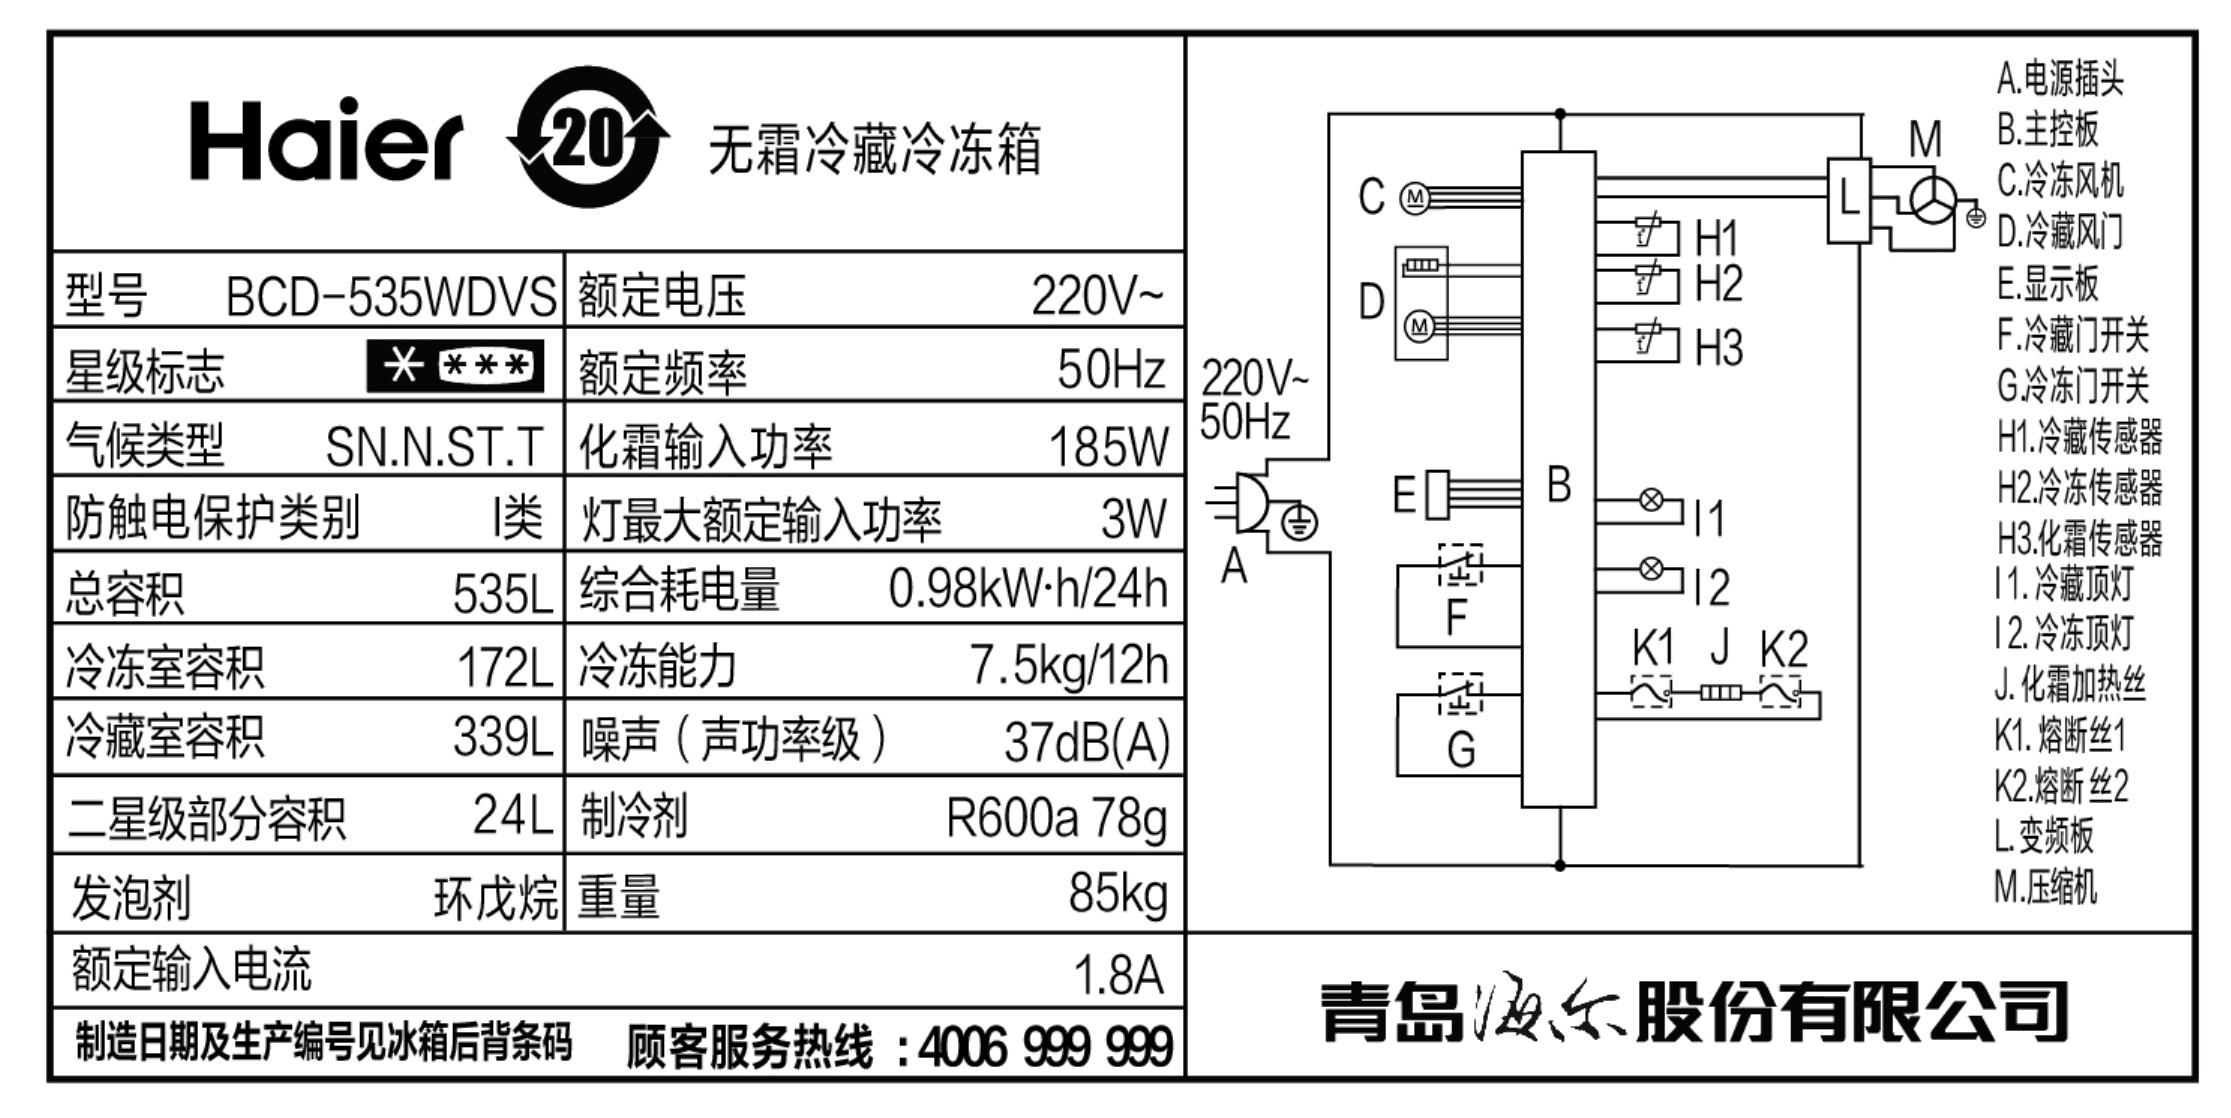 变频风冷家用双开门对开门节能冰箱 535WDVS BCD 海尔 Haier